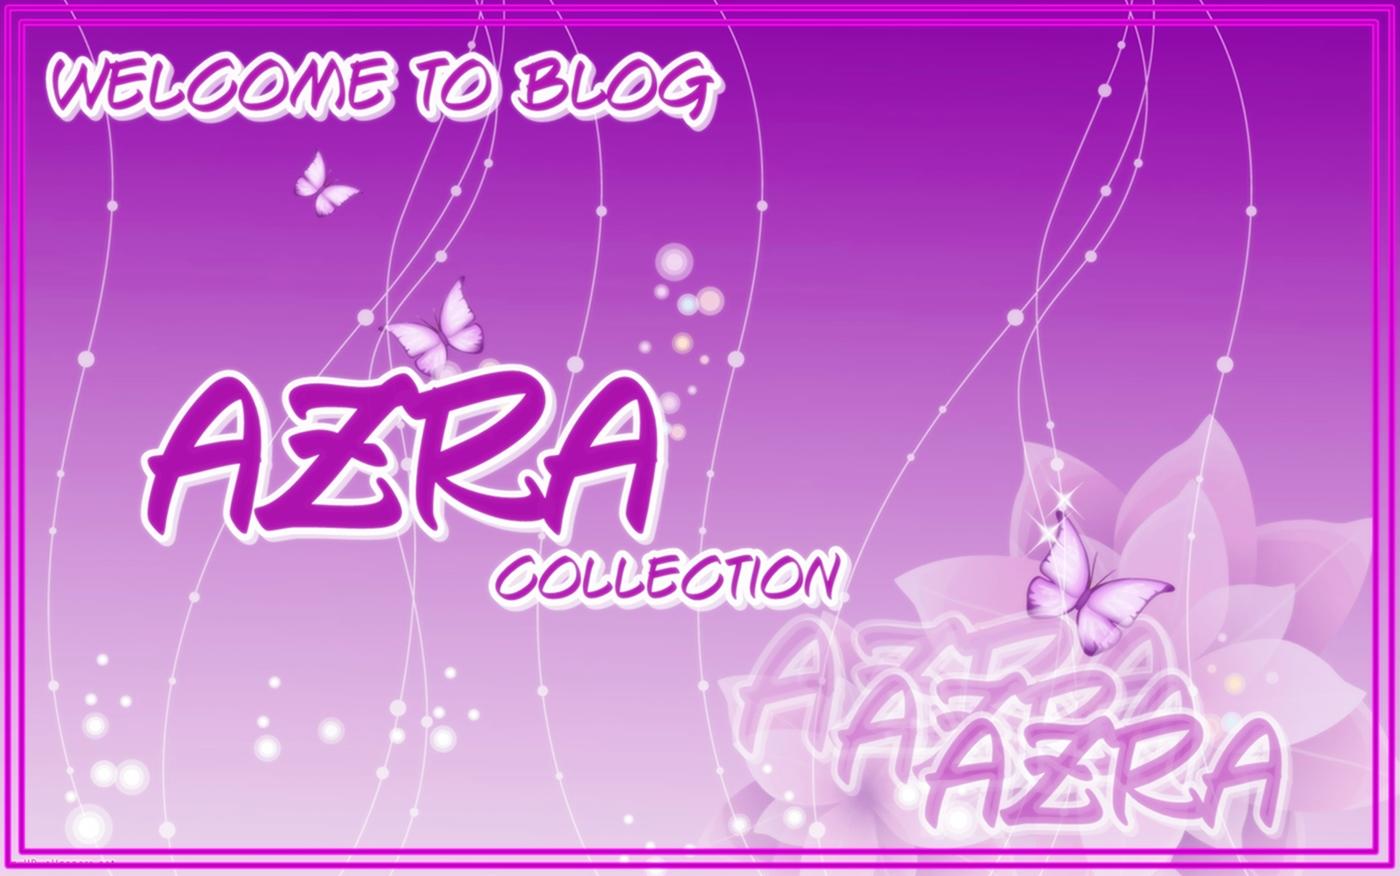 Azra Collection